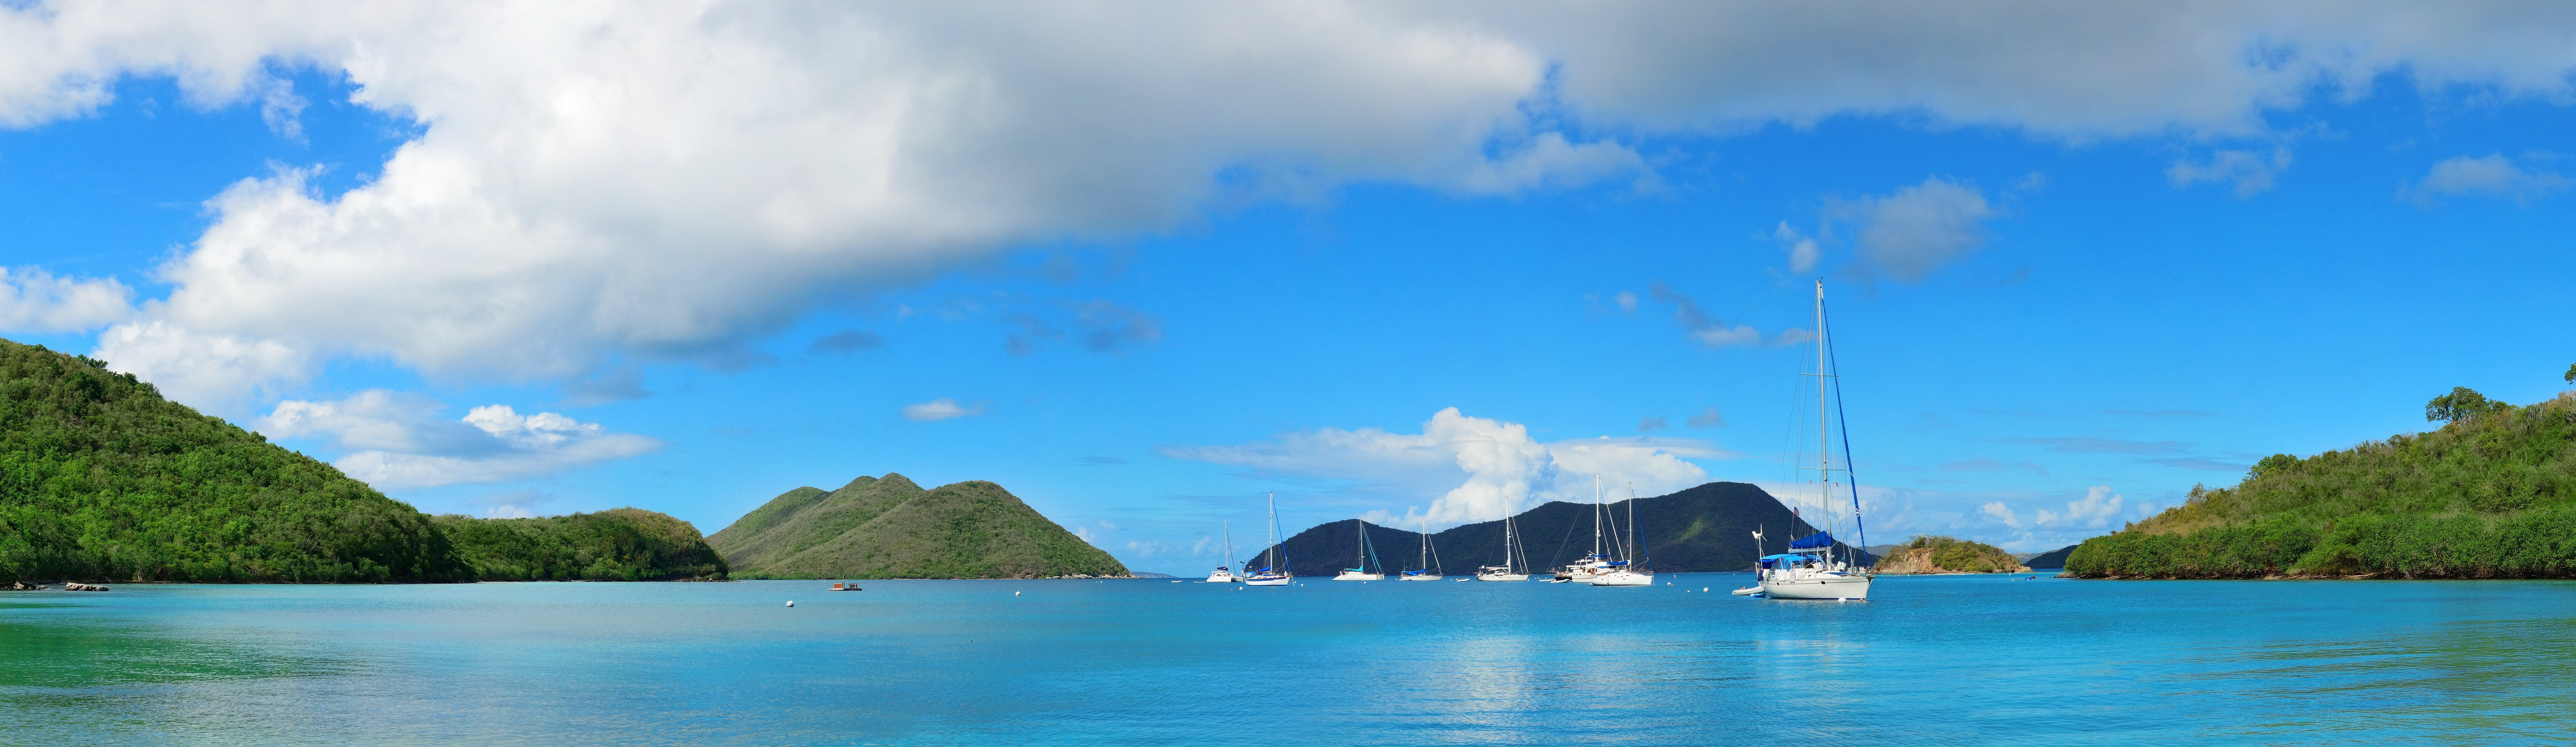 American Virgin Islands sailboat rental